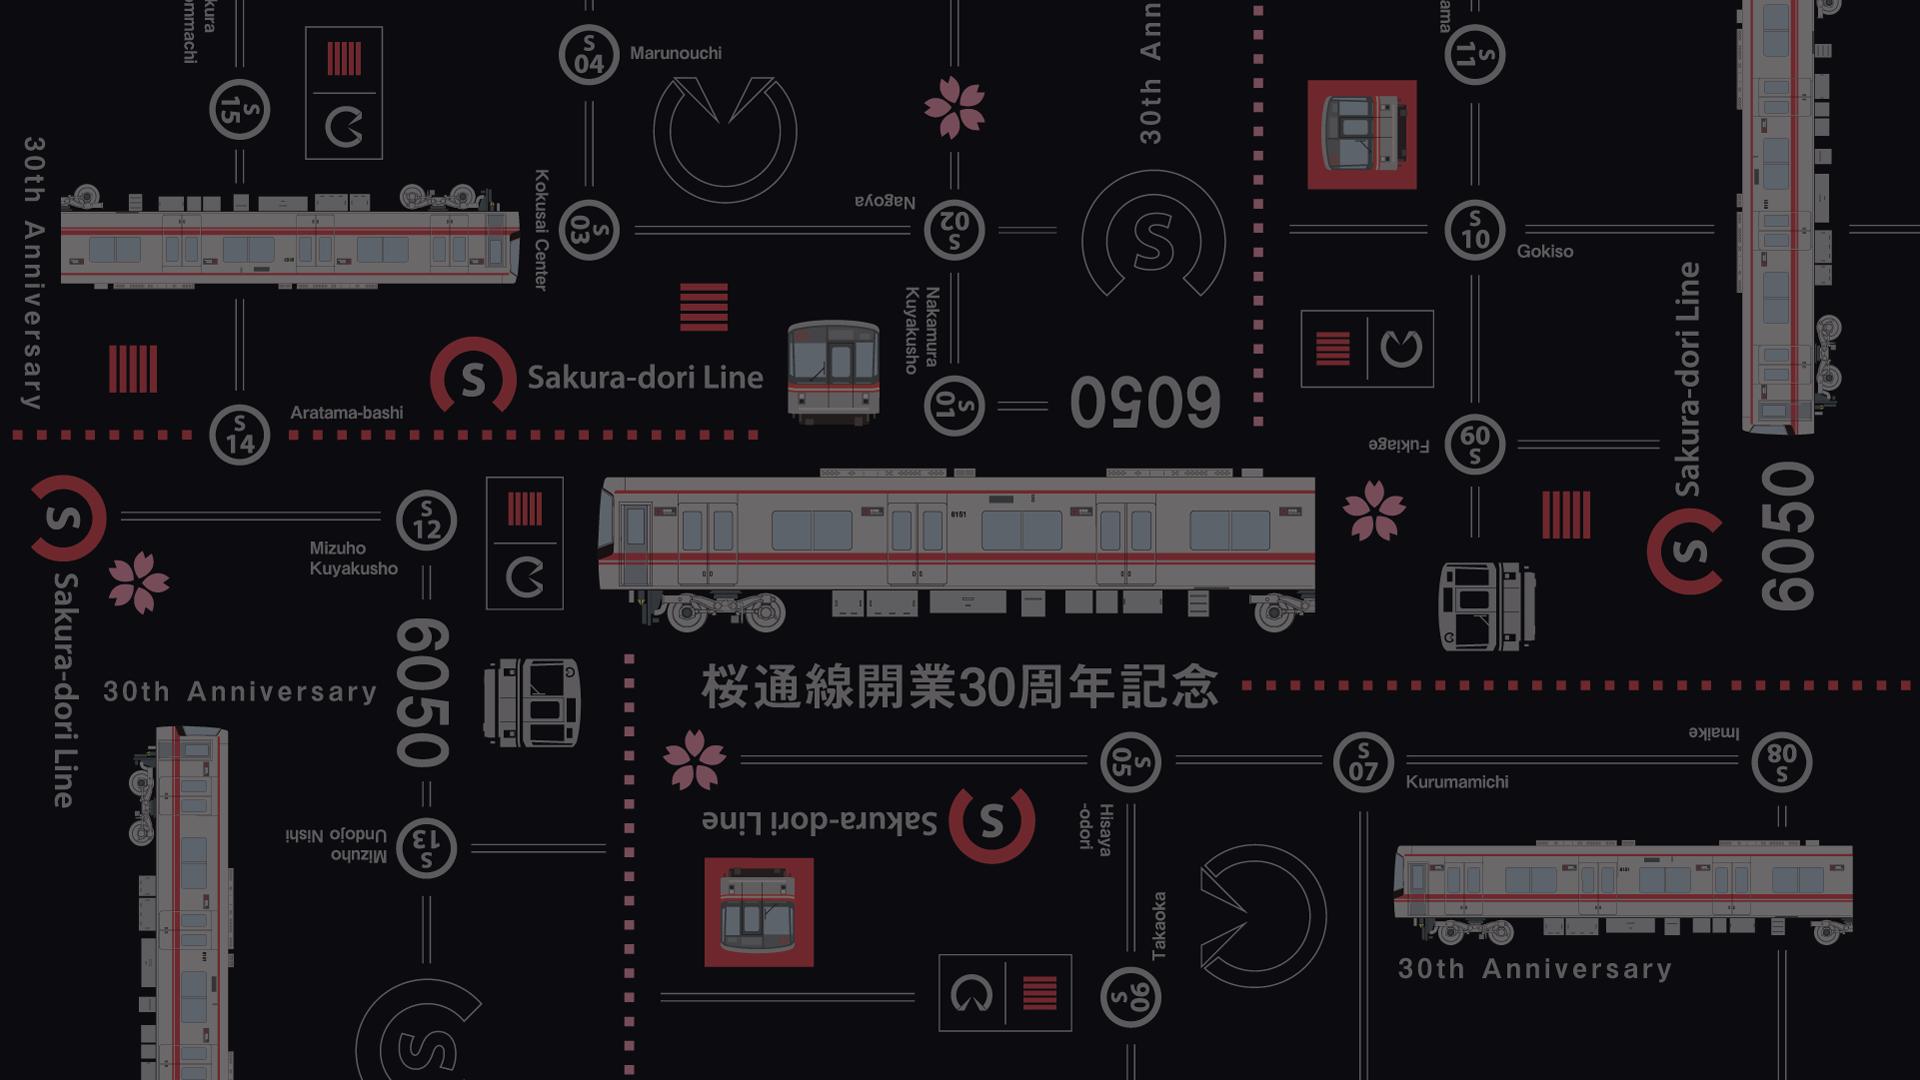 桜通線開業30周年記念壁紙 名古屋市交通局